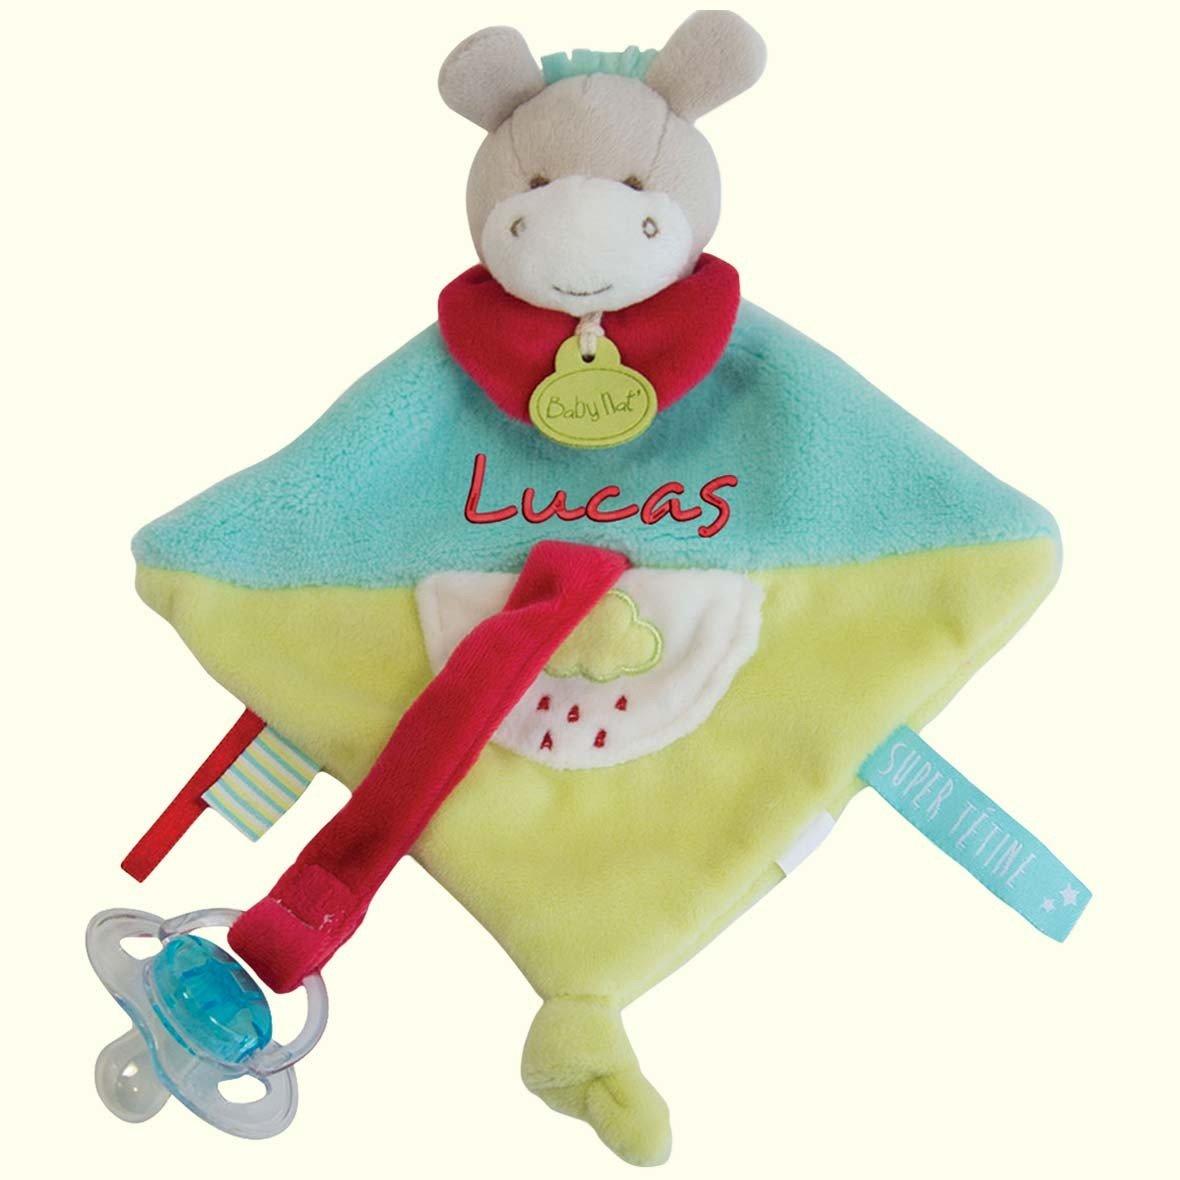 Doudou Ane attache porte tétine à broder avec prénom- cadeau liste de naissance - cadeau personnalisé naissance - cadeau personnalisé bébé